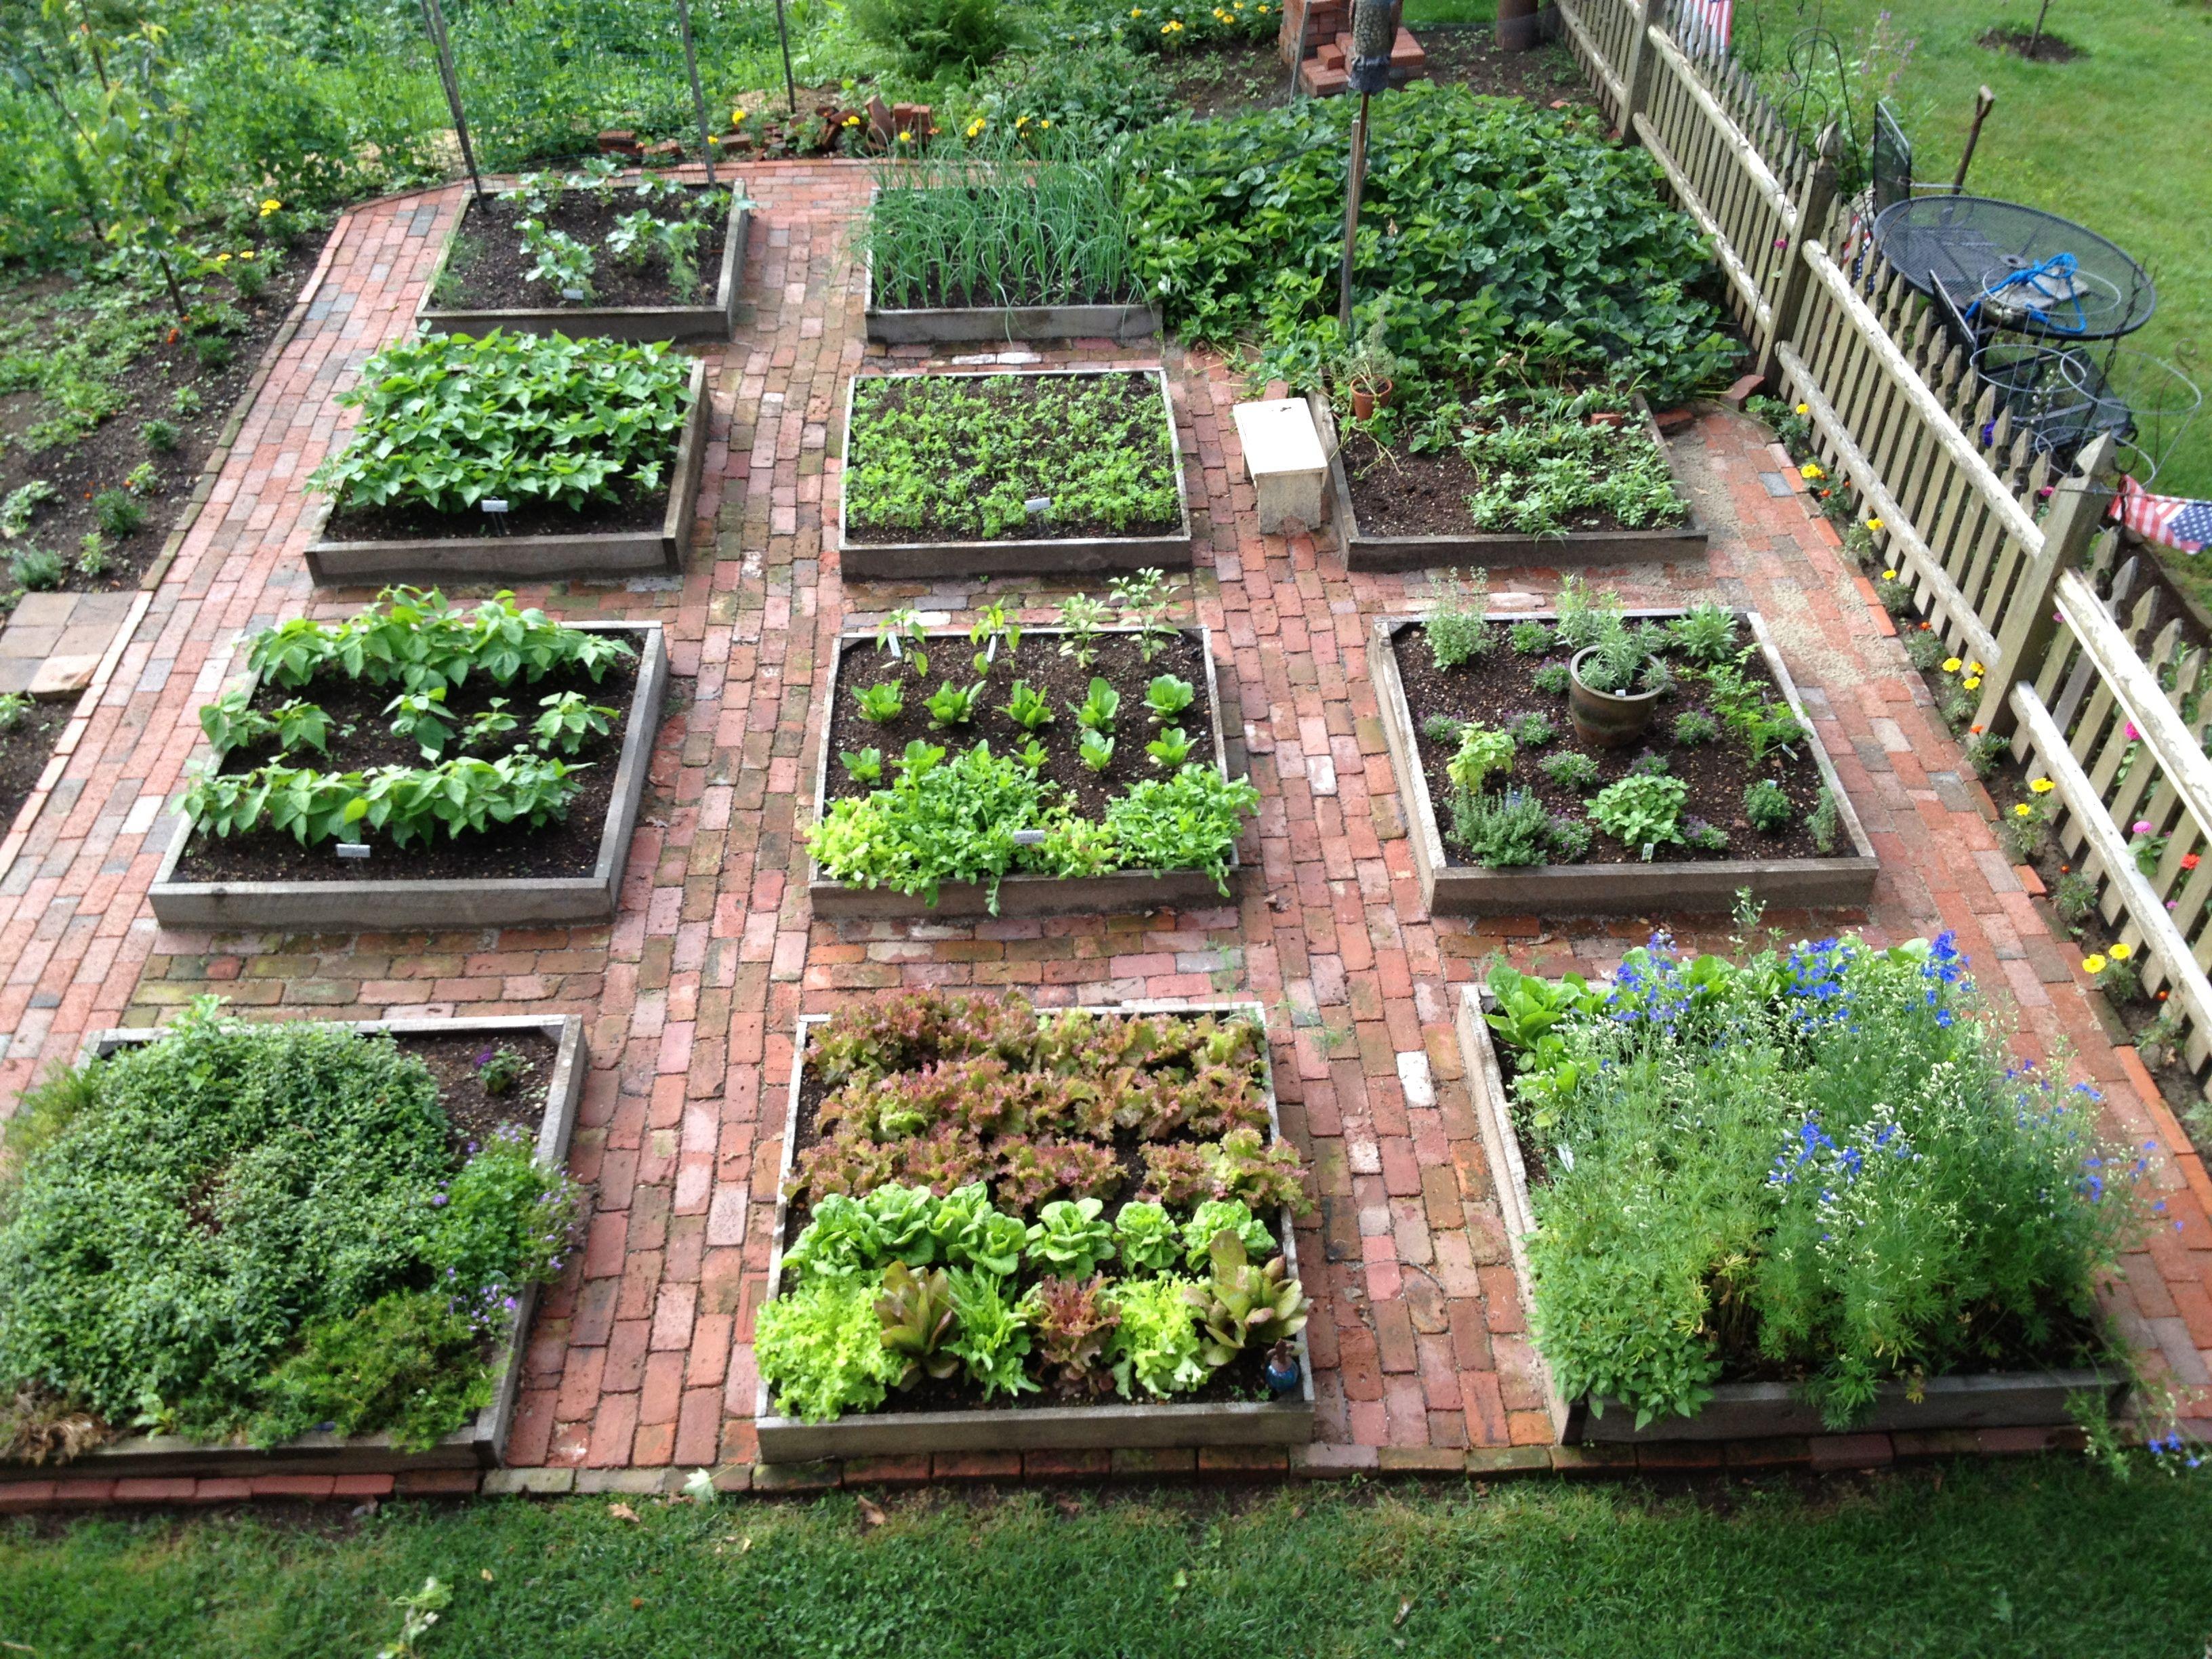 для дизайн огорода фото с посадками овощей двери закрыты